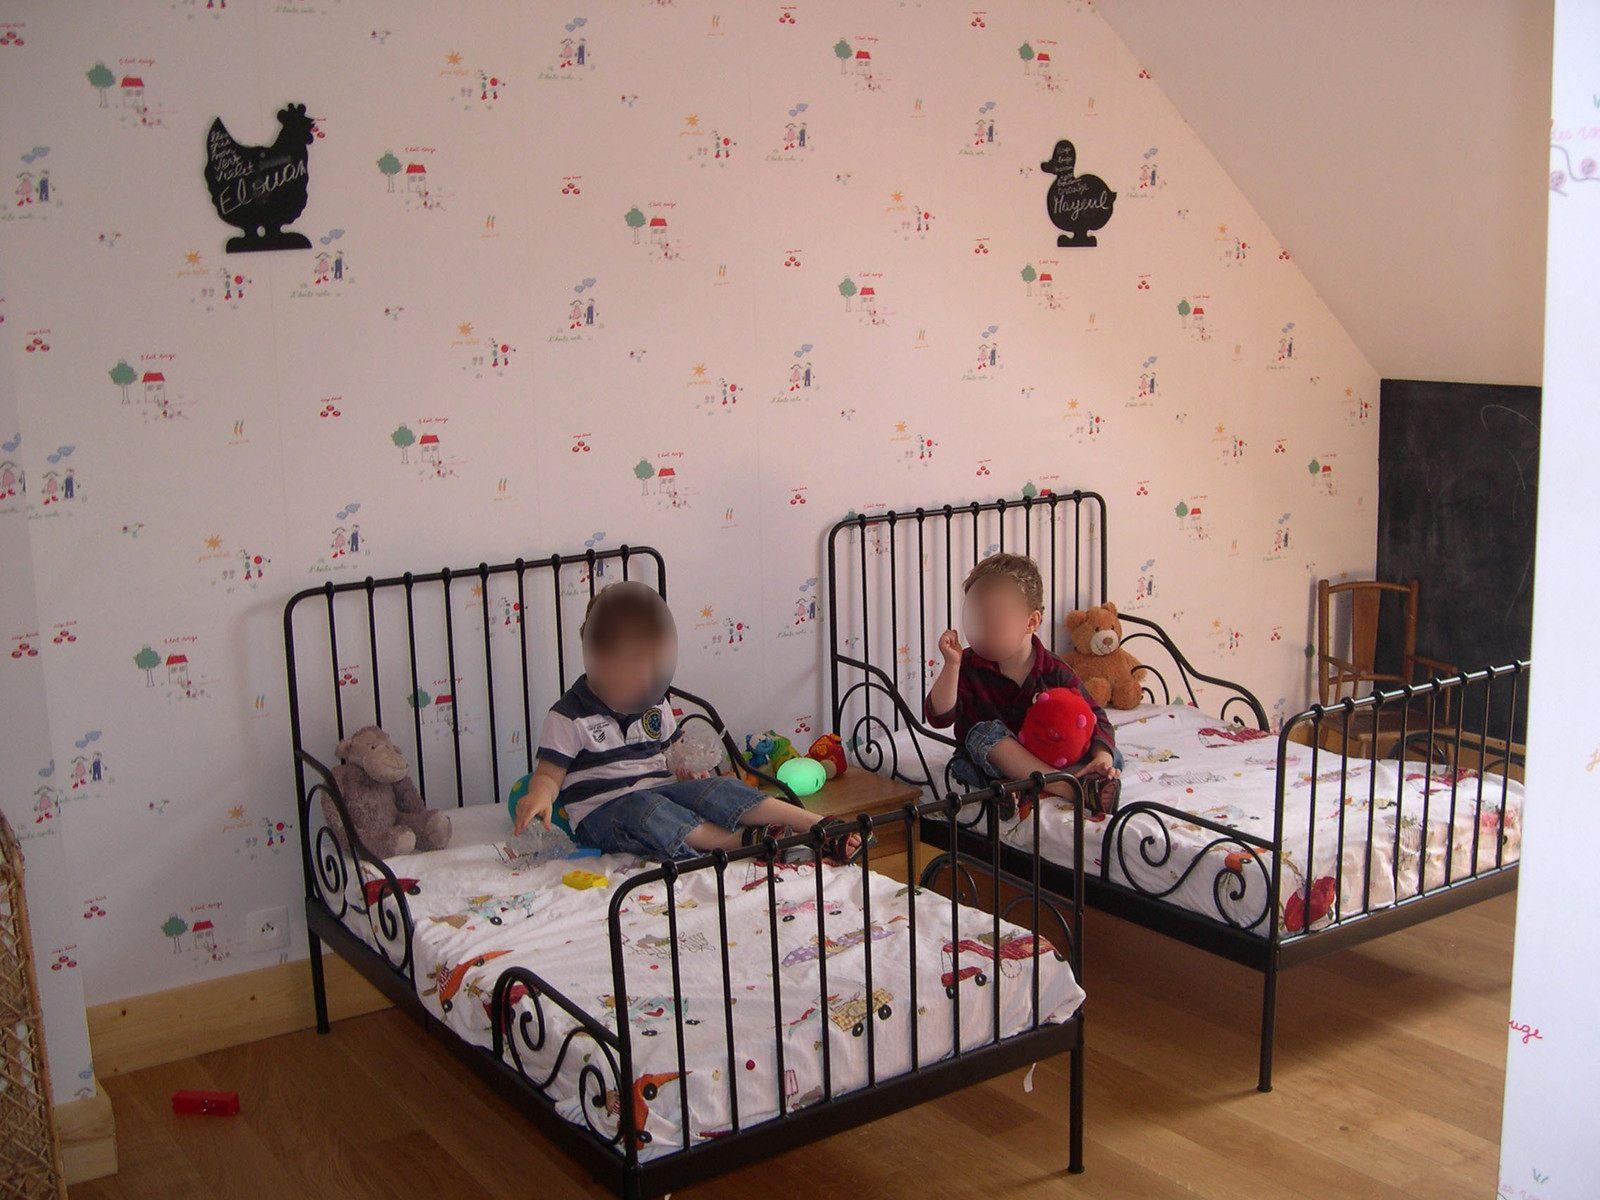 Lit Enfant Tente Bel Lit Pour Nourrisson 24 Référence Lit Cabane Bebe Avis Home Design